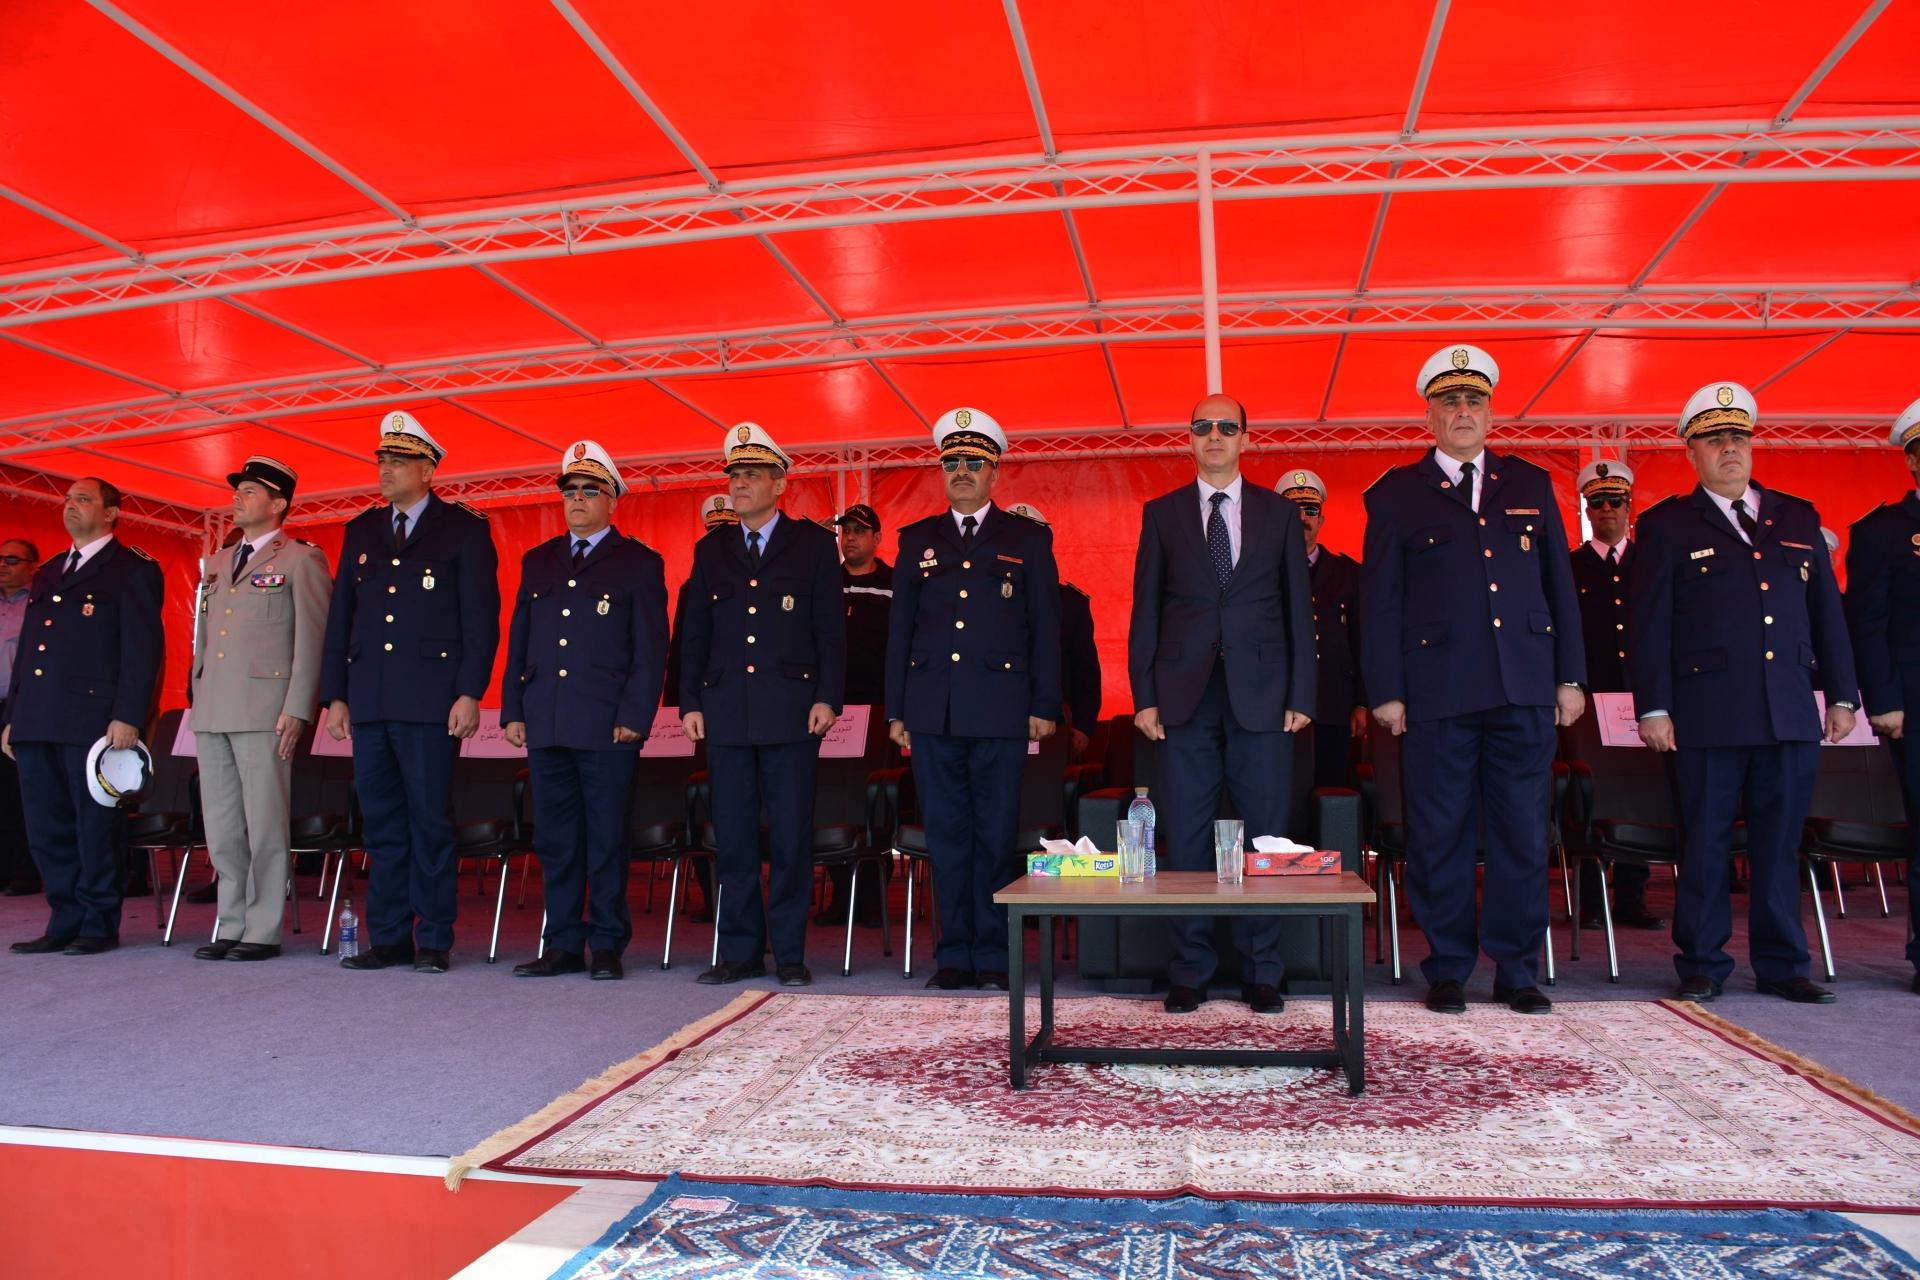 حفل تعليق شارات الرتب والأوسمة بمناسبة الذكرى 63 لعيد قوات الأمن الداخلي بالمدرسة الوطنية للحماية المدنية